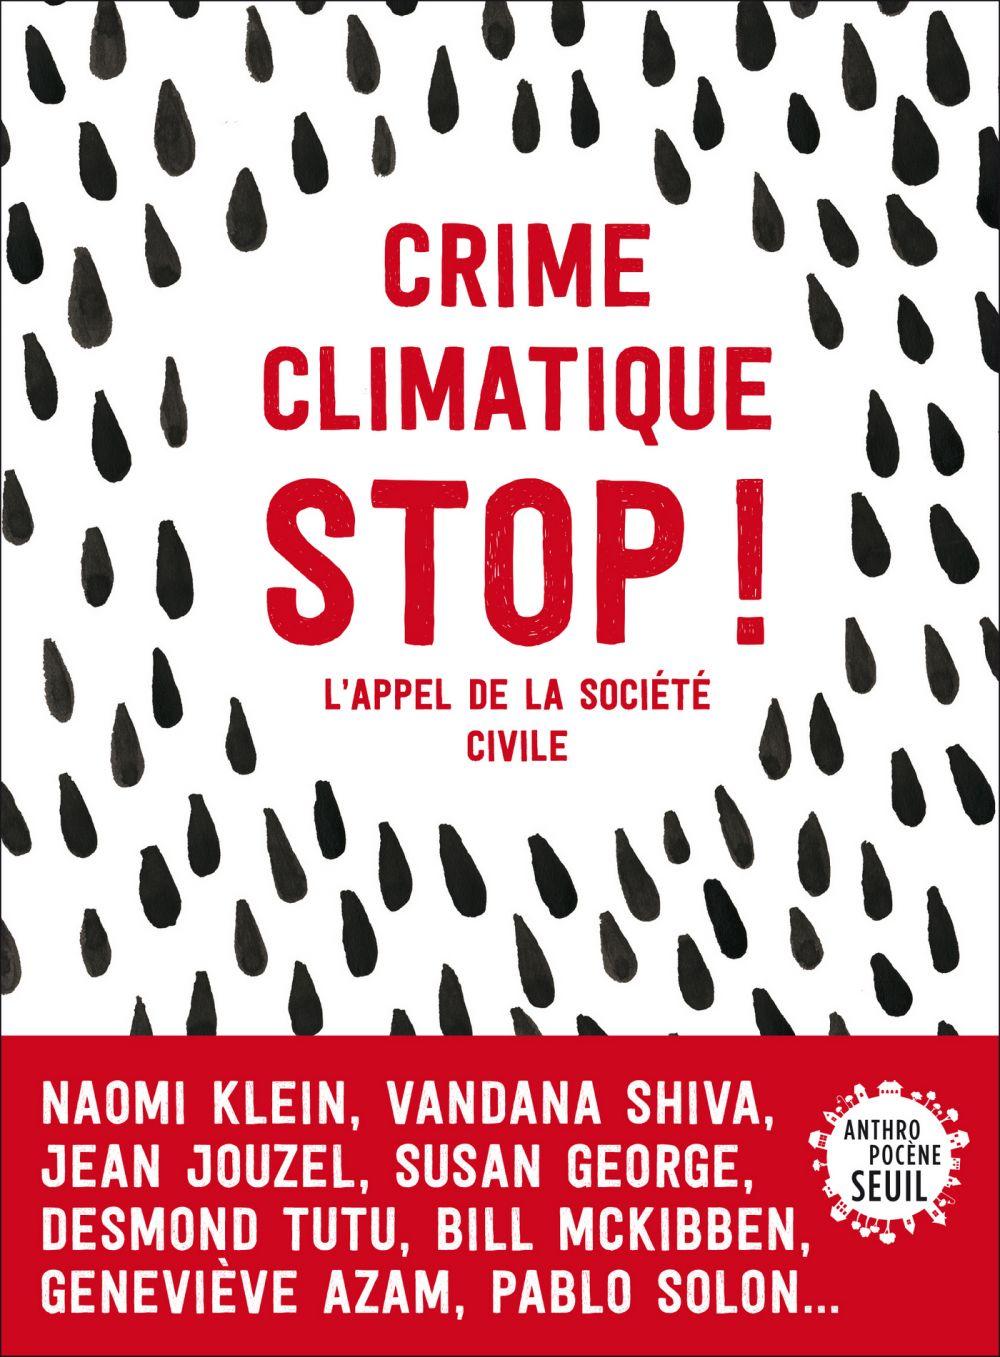 Crime climatique stop !. L'appel de la société civile |